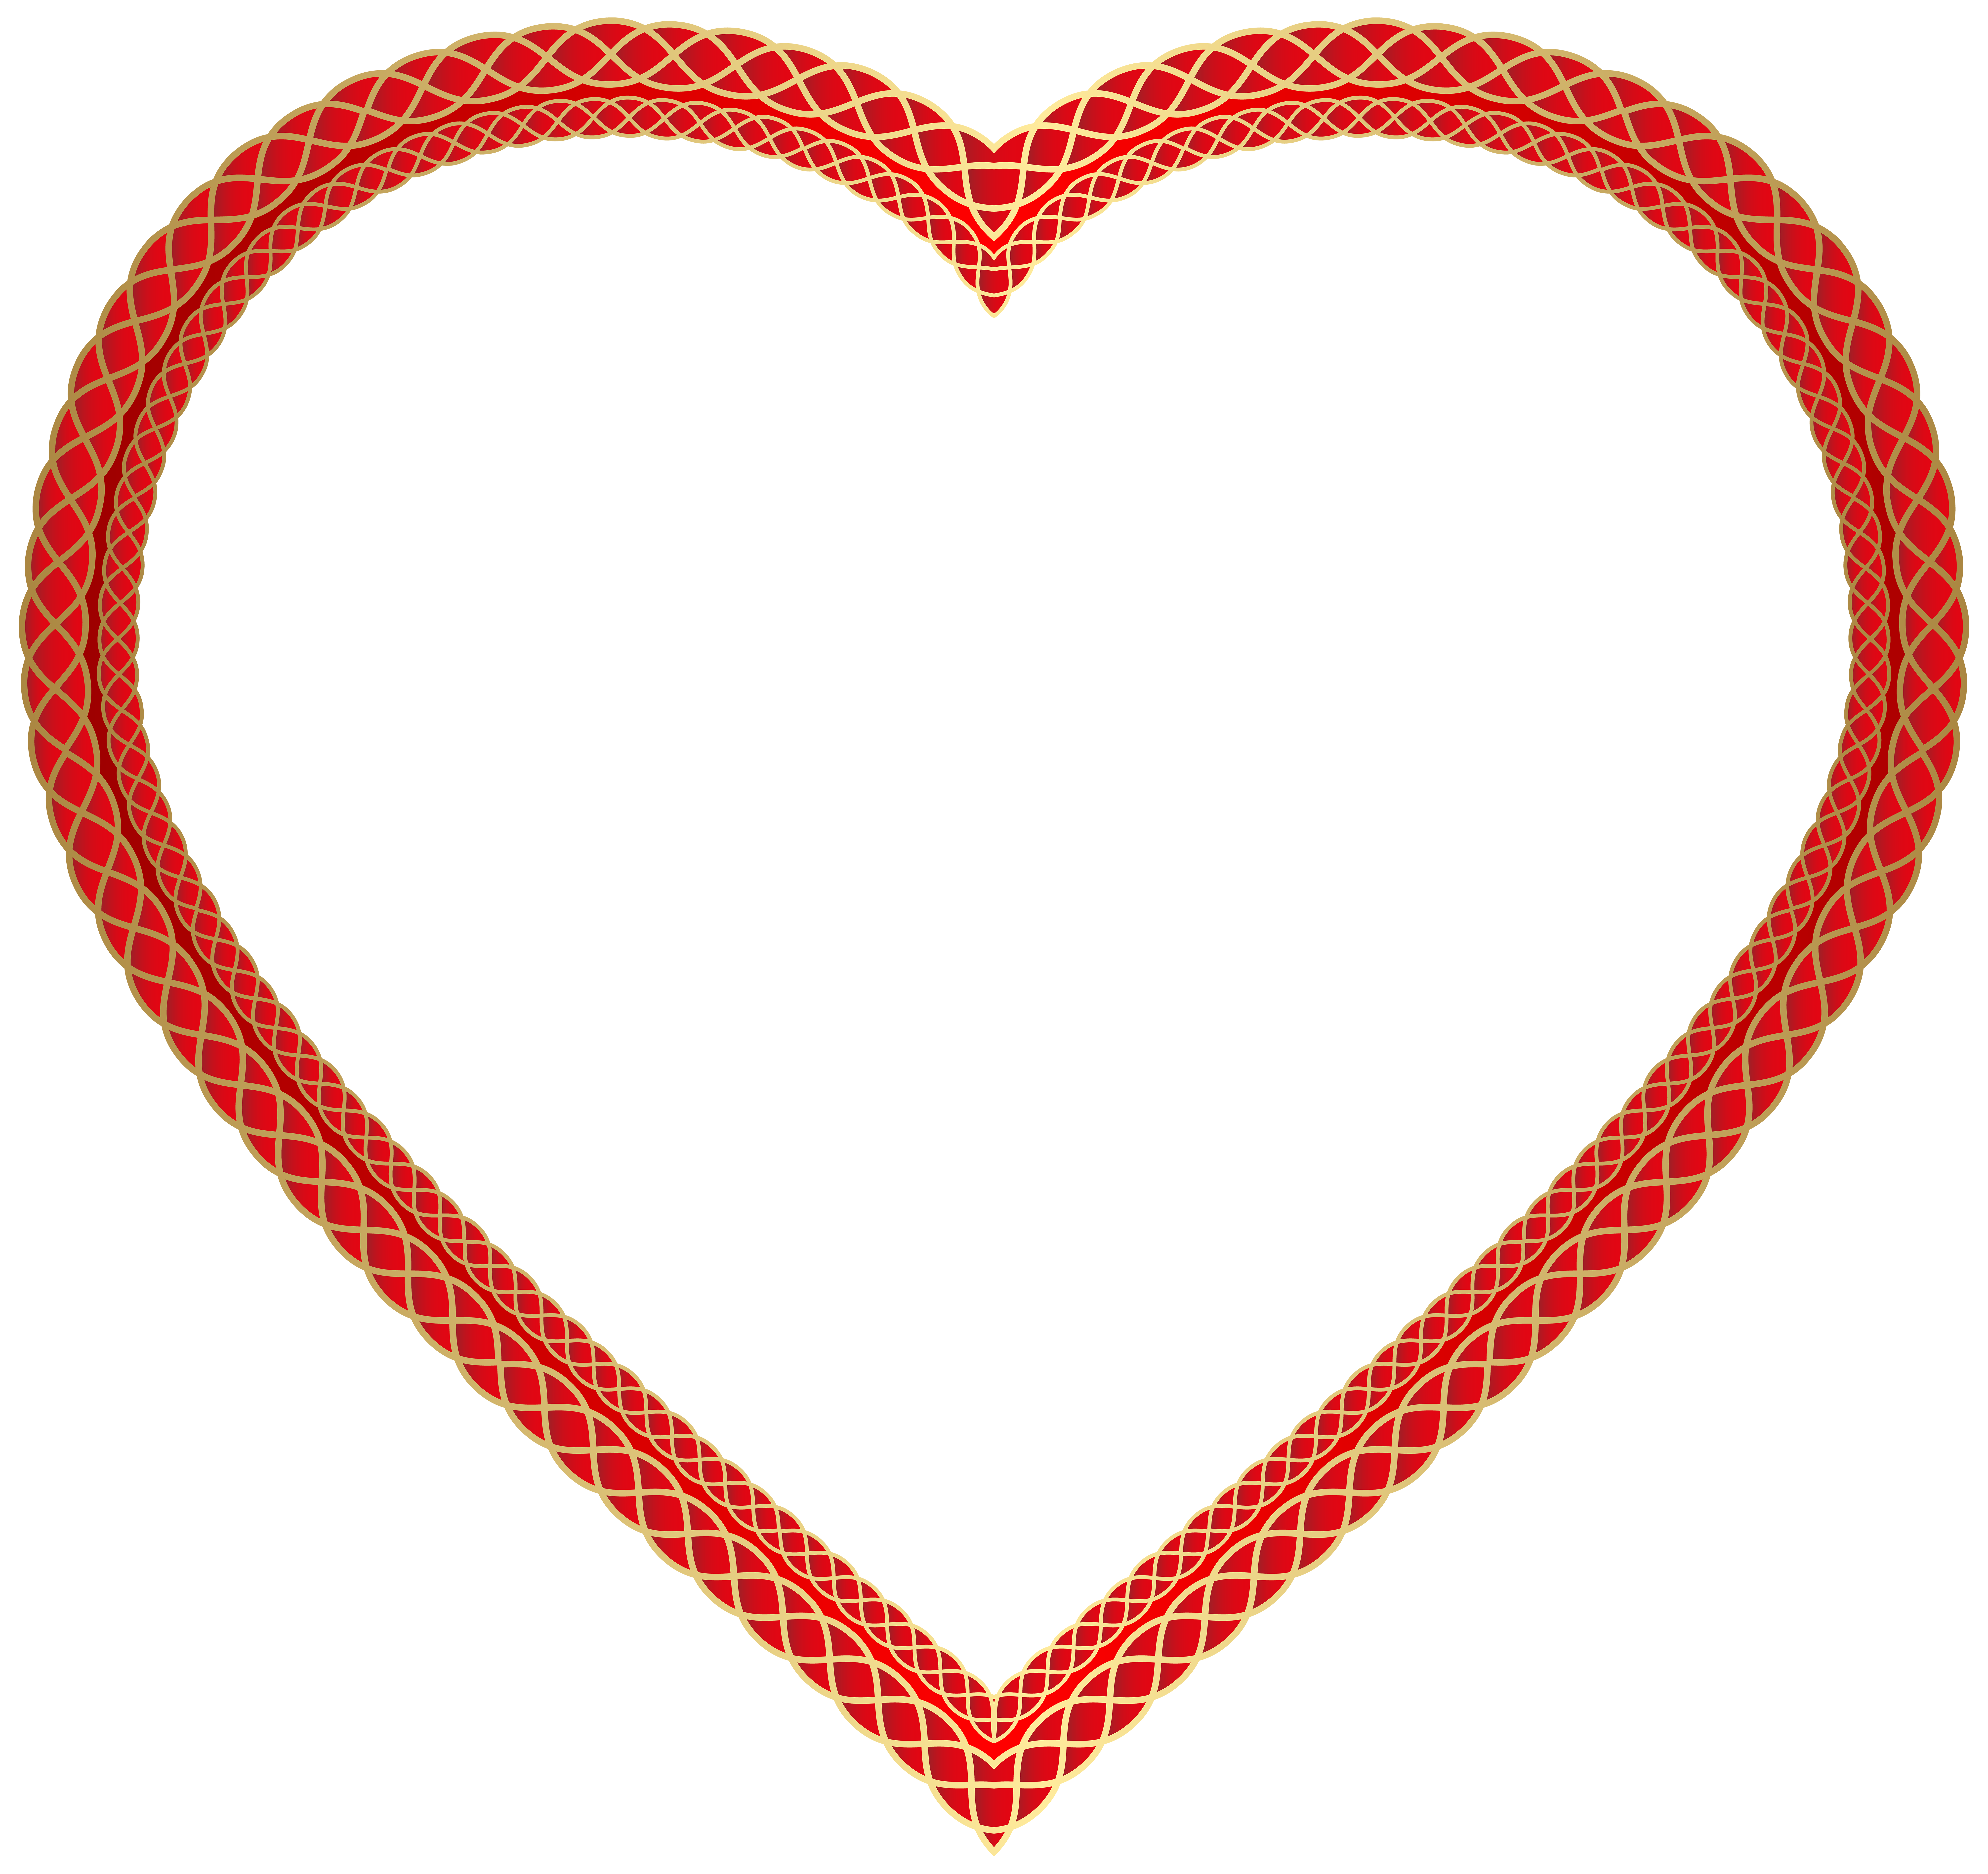 8000x7540 Transparent Heart Shape Clip Art Imageu200b Gallery Yopriceville